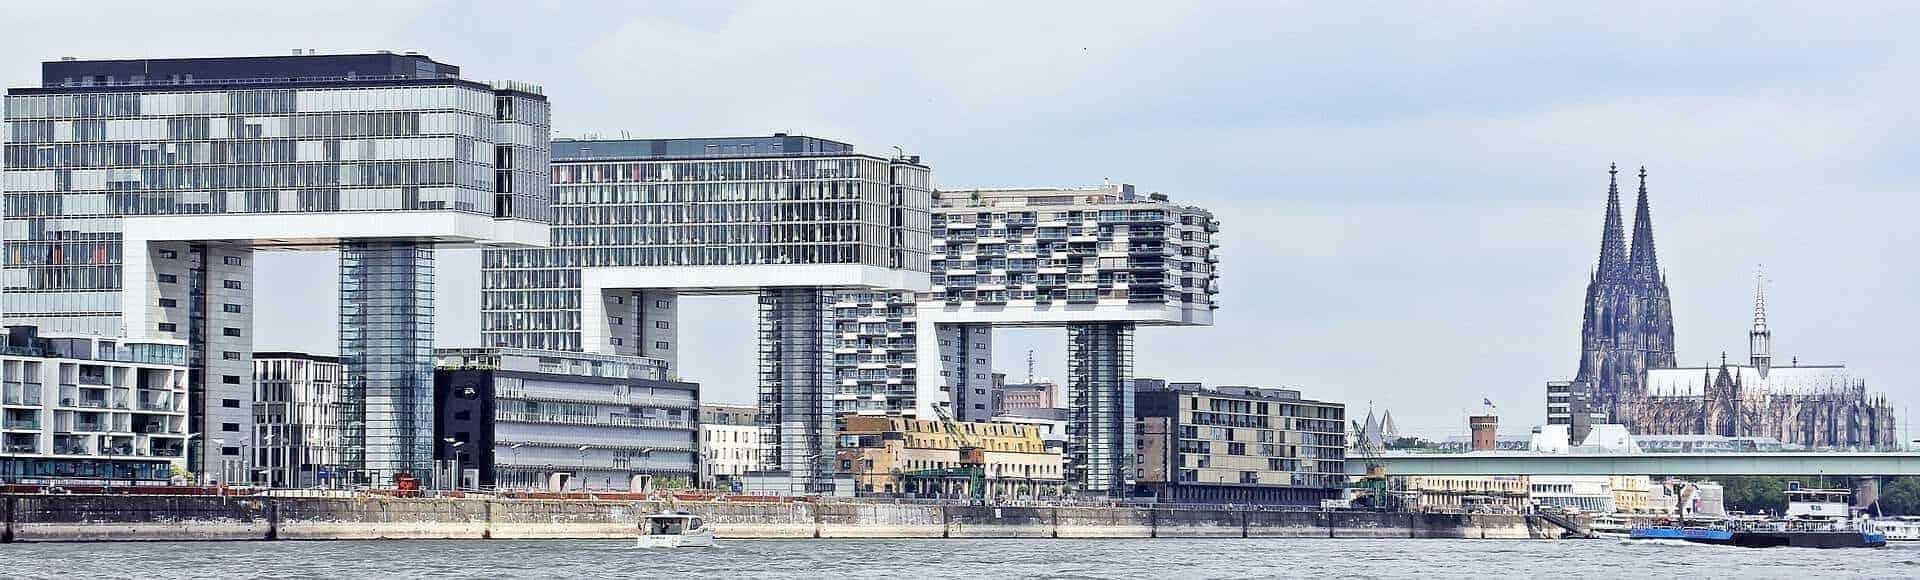 Köln_Kranhäuser